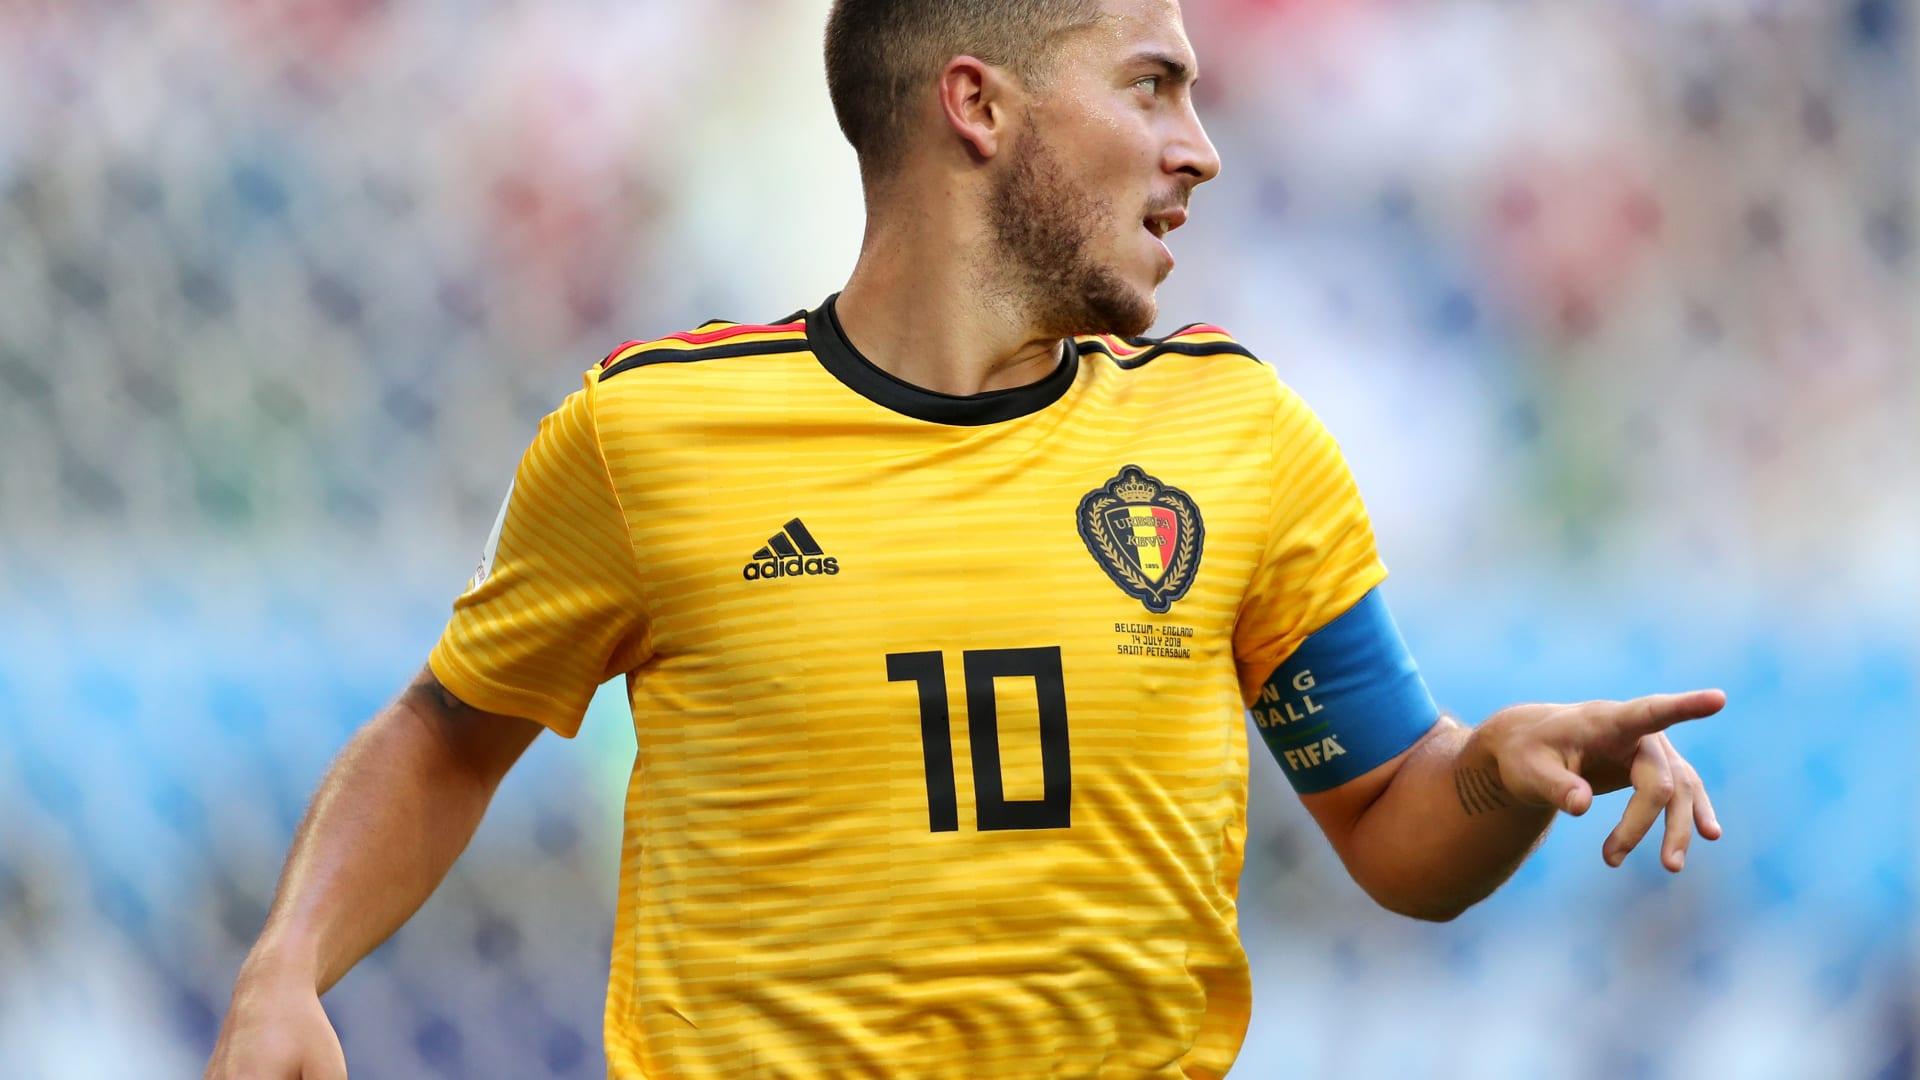 بلجيكا تحقق أكبر إنجاز في تاريخها وتحصد برونزية كأس العالم